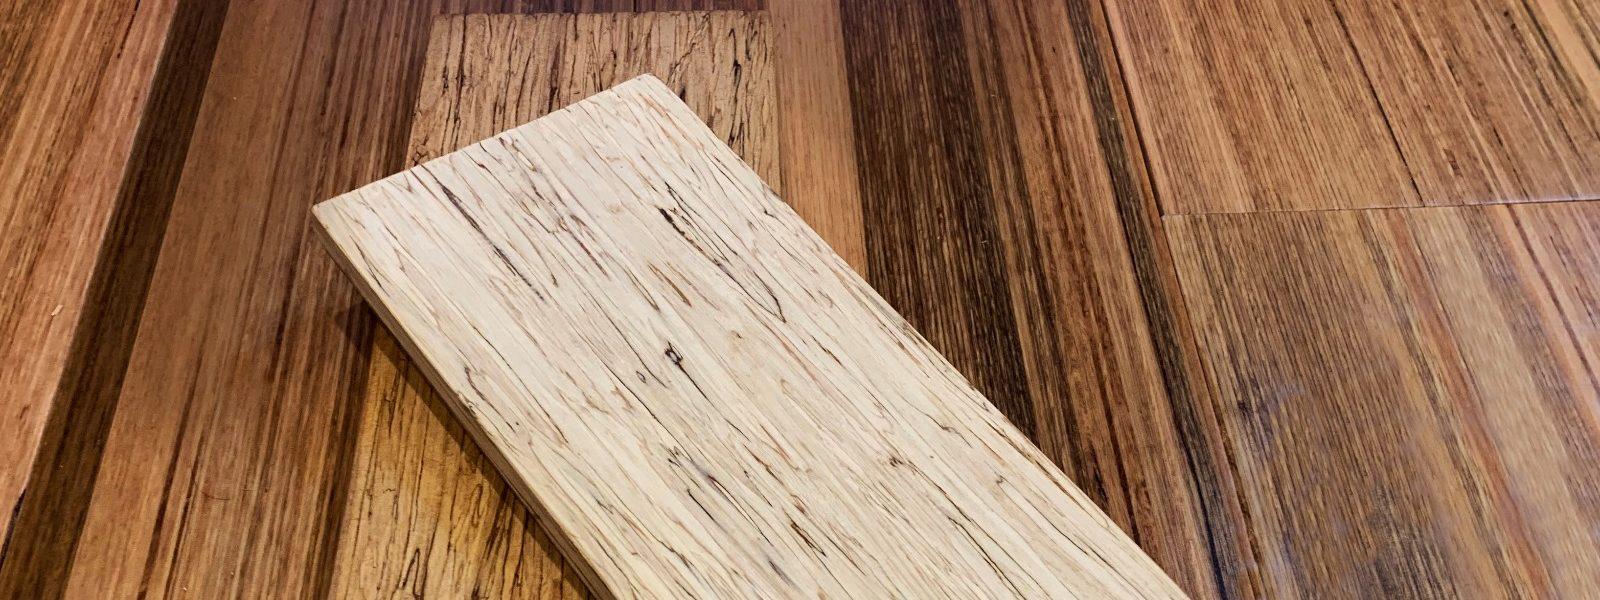 drewno z konopi